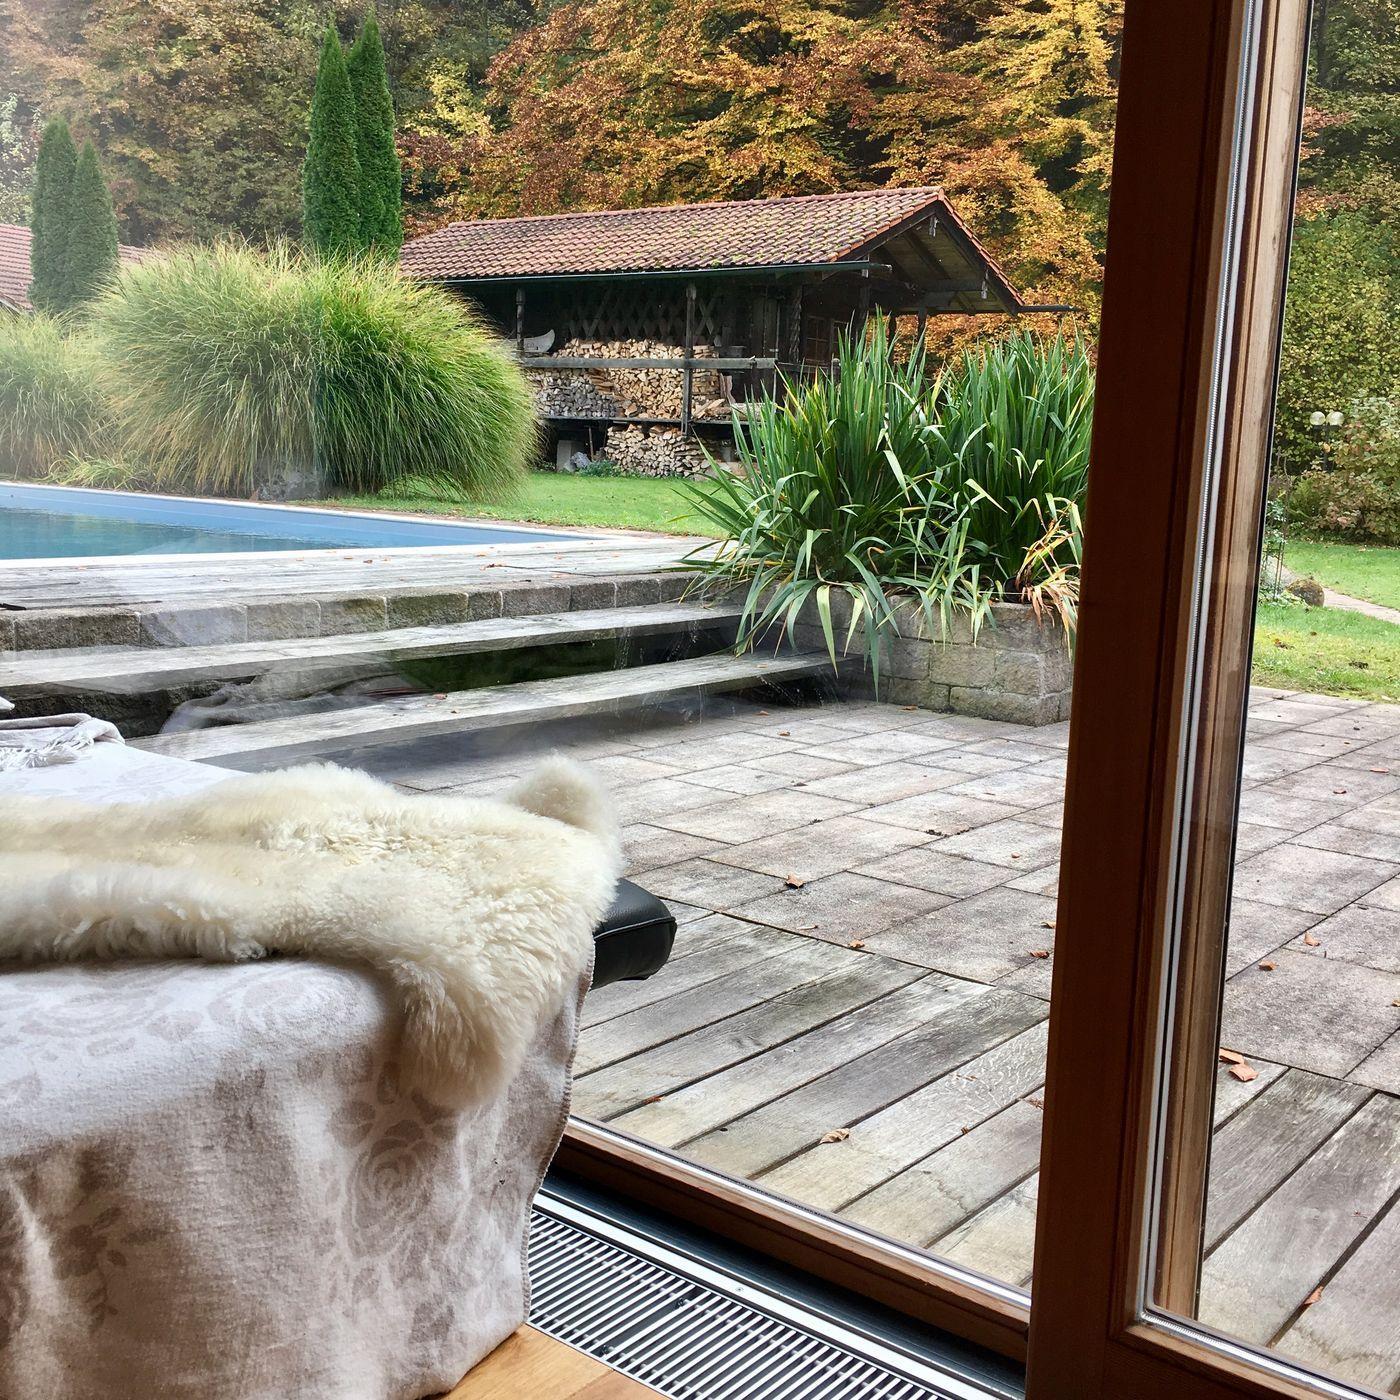 Amüsant Wintergarten Deko Referenz Von